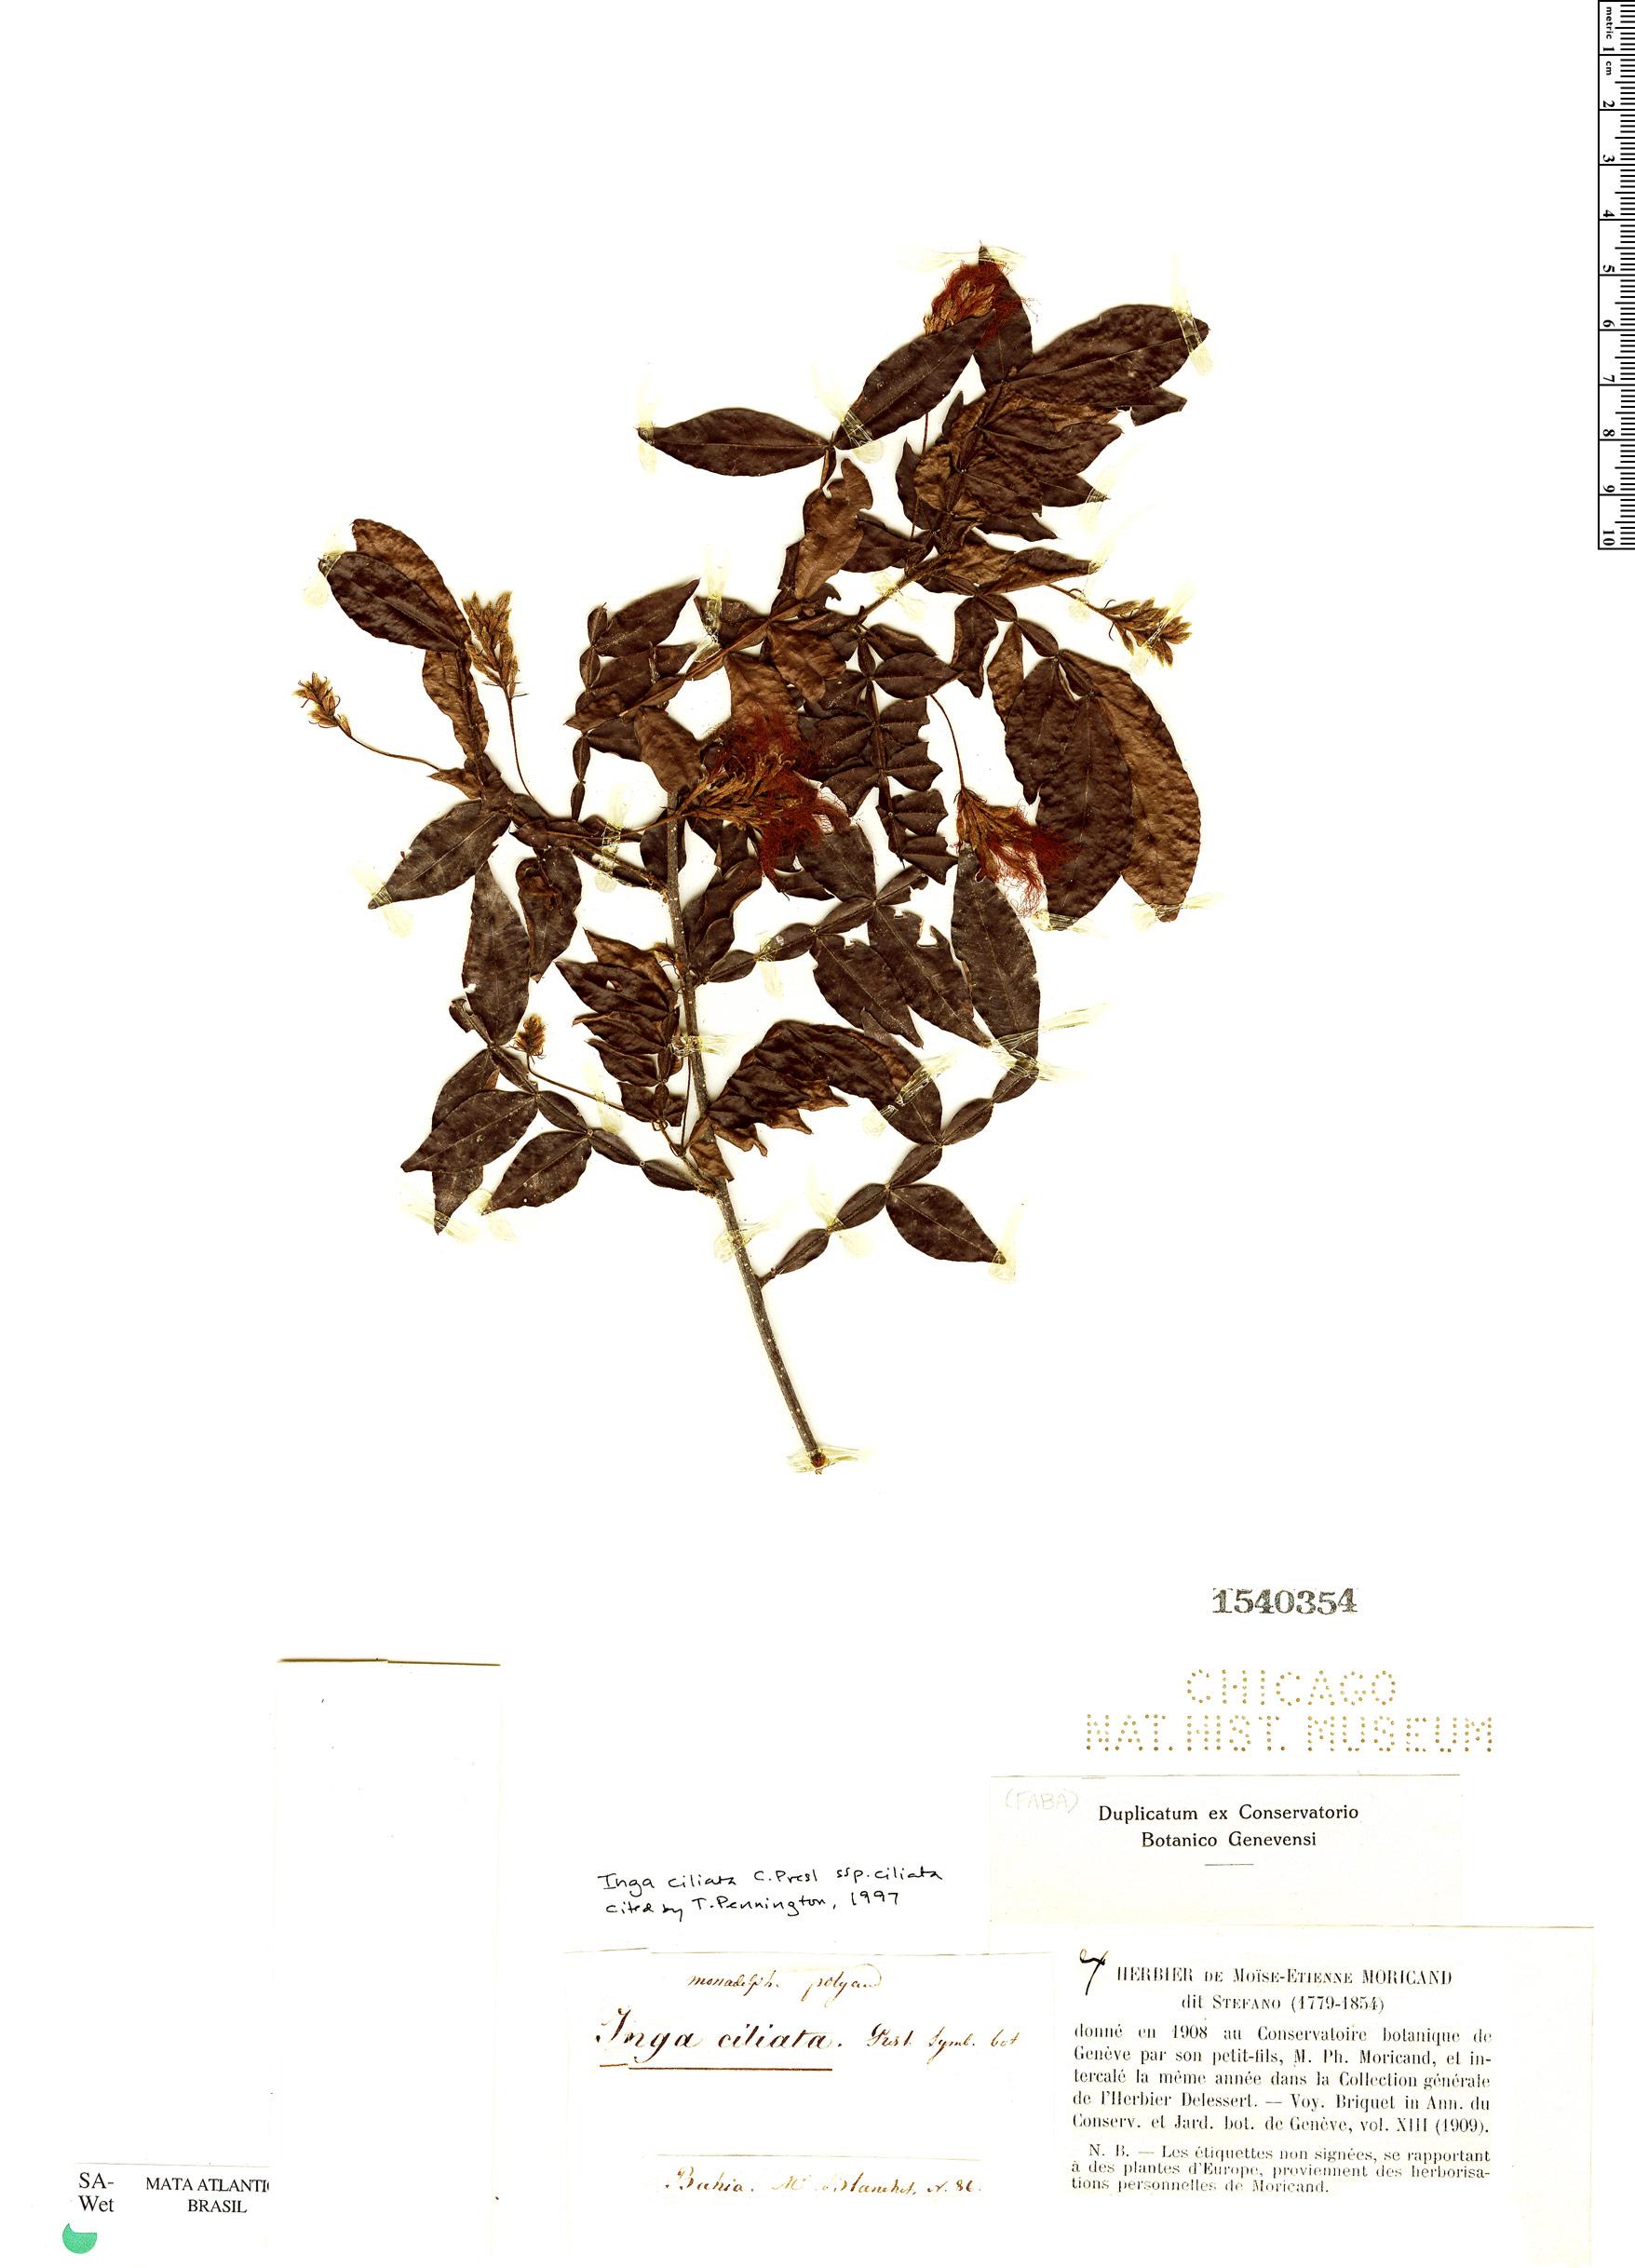 Specimen: Inga ciliata